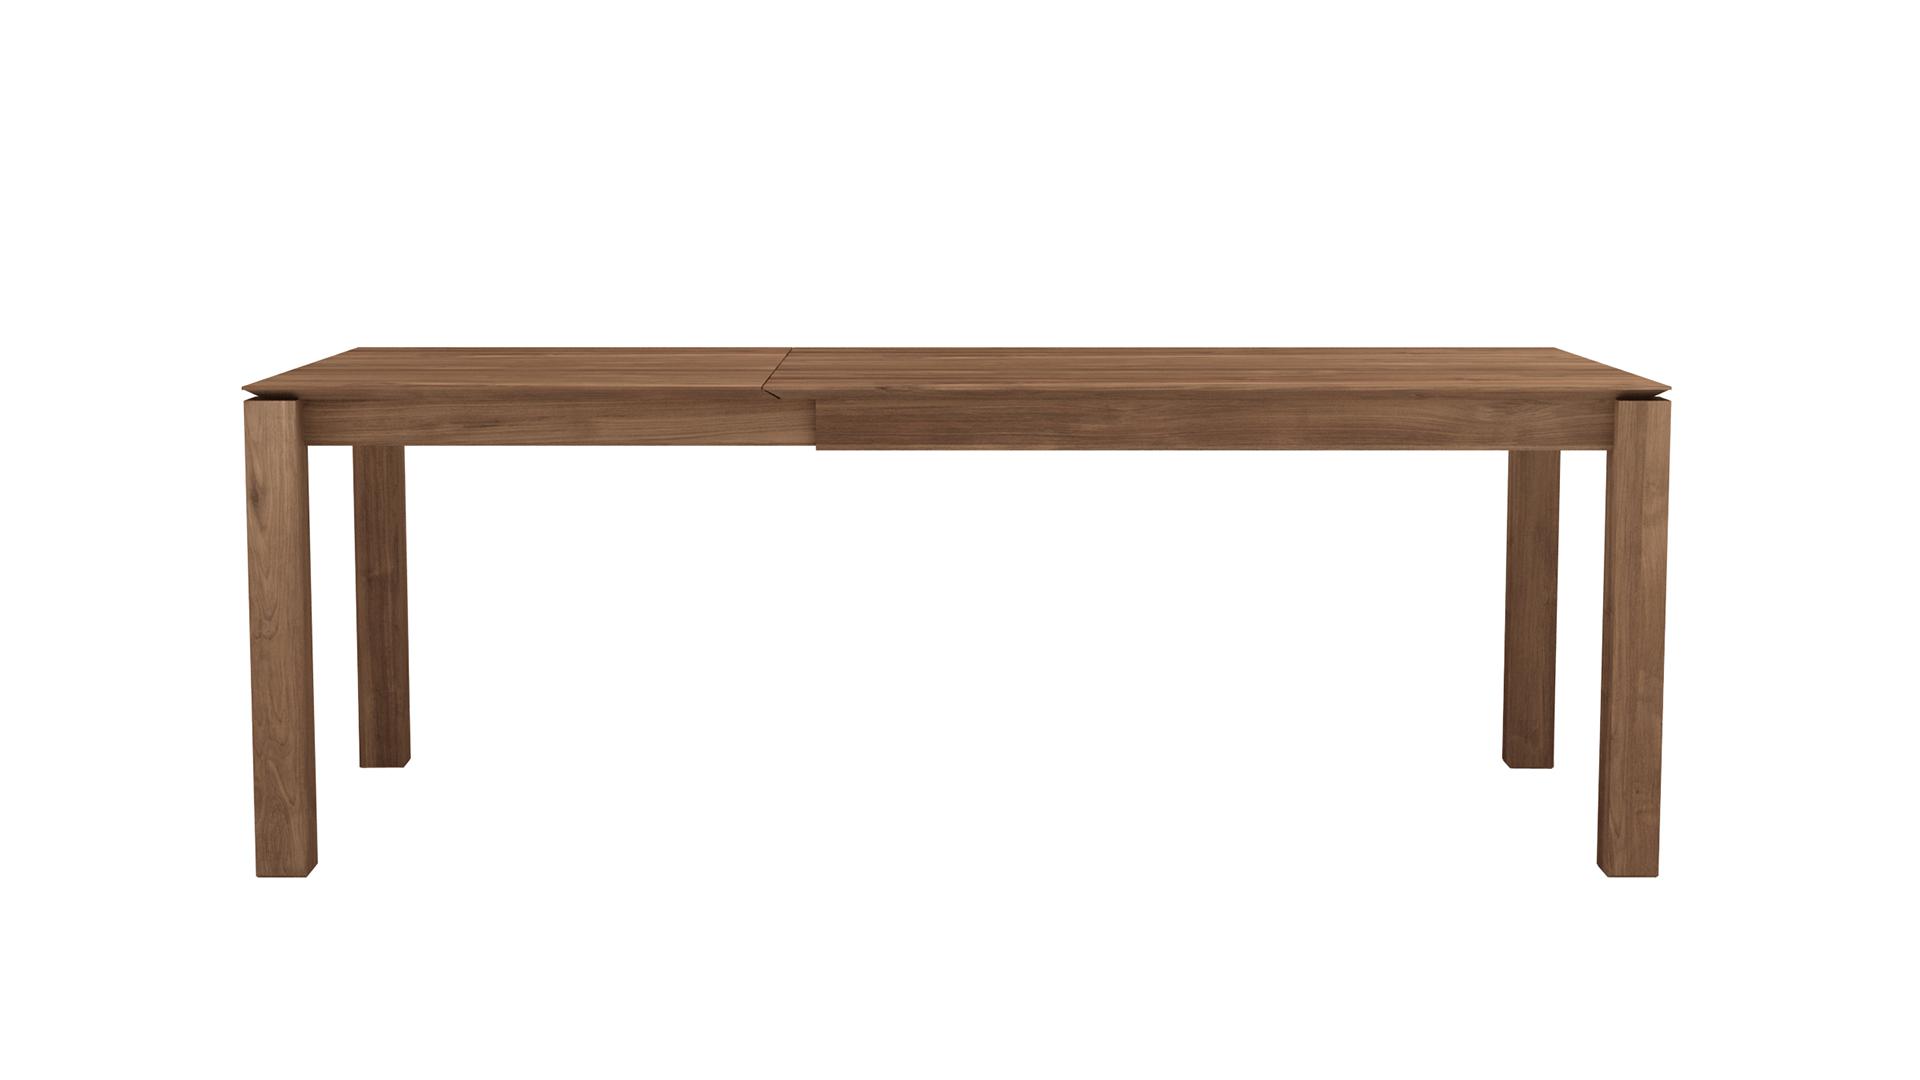 Uitschuifbare Eettafel Teak.Ethnicraft Teak Slice Uitschuifbare Eettafel 180 280x100cm